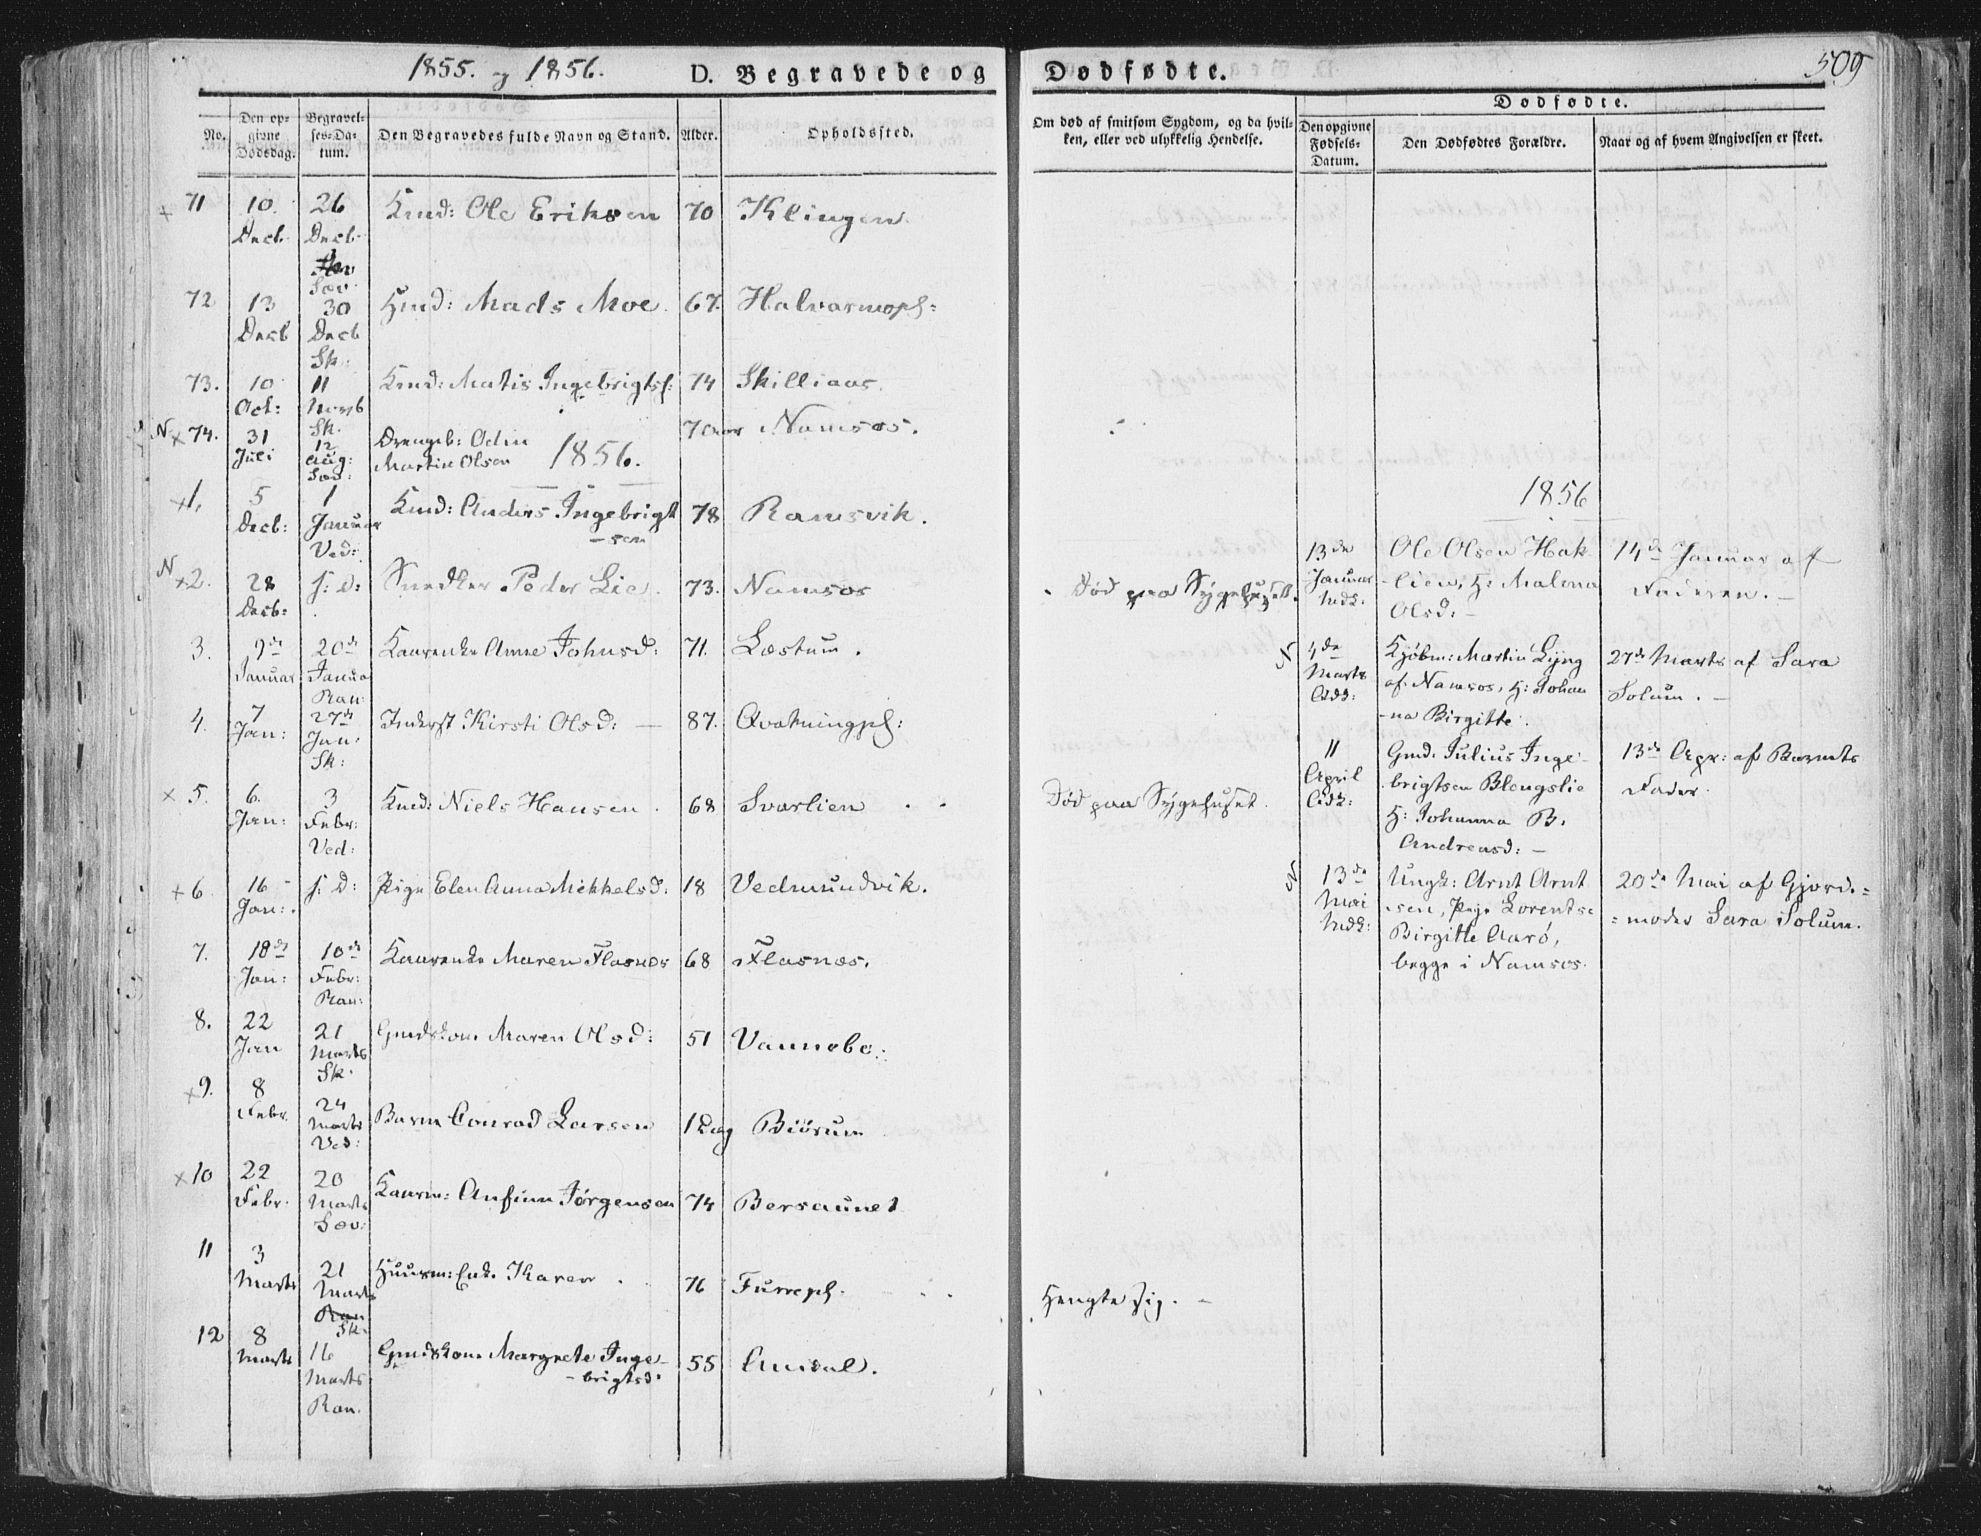 SAT, Ministerialprotokoller, klokkerbøker og fødselsregistre - Nord-Trøndelag, 764/L0552: Ministerialbok nr. 764A07b, 1824-1865, s. 509